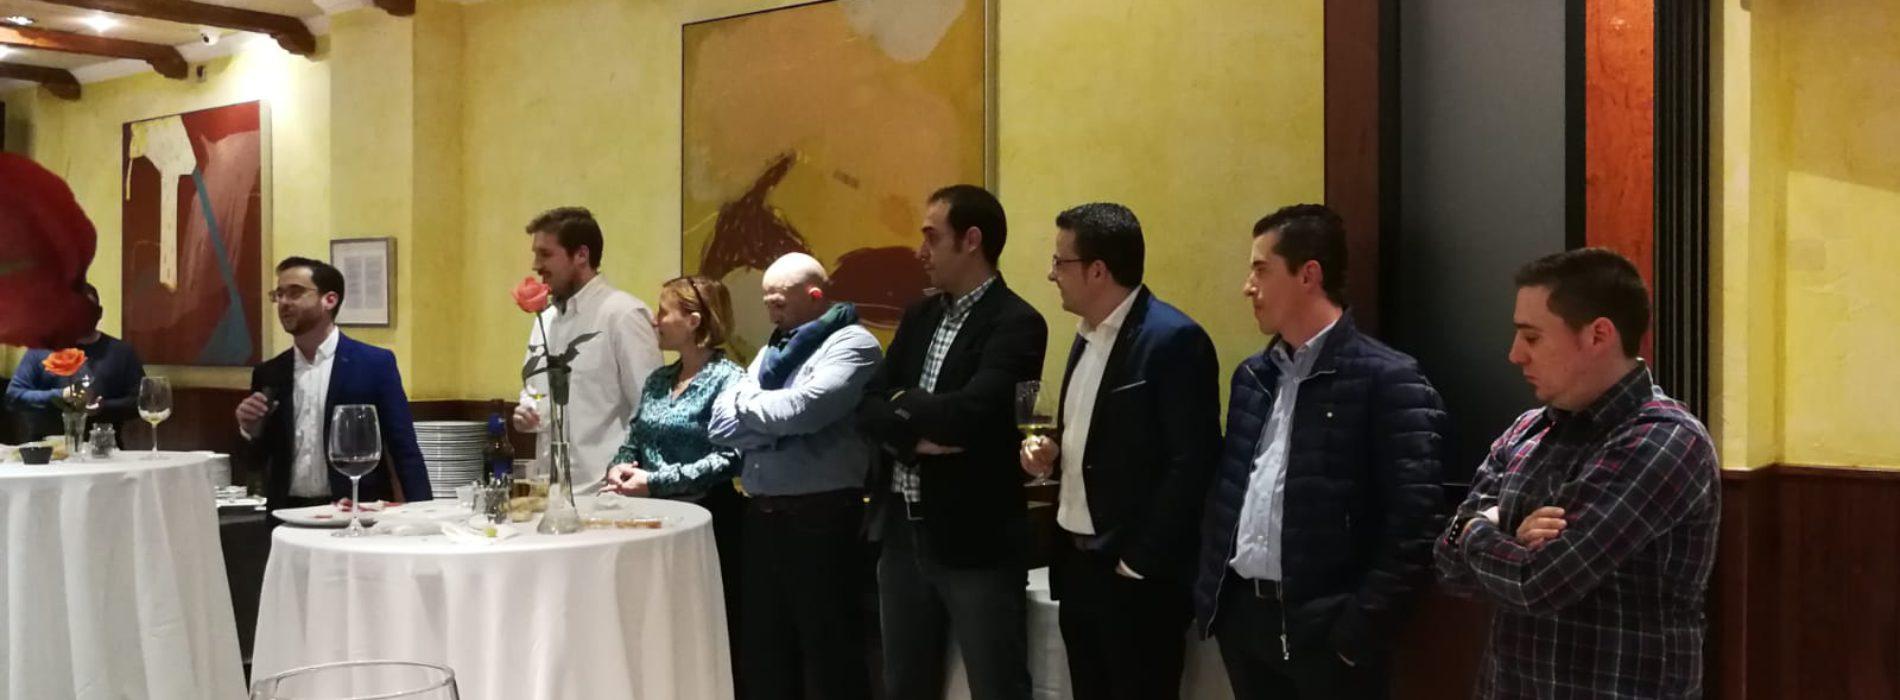 Nueva Junta Directiva ASRM